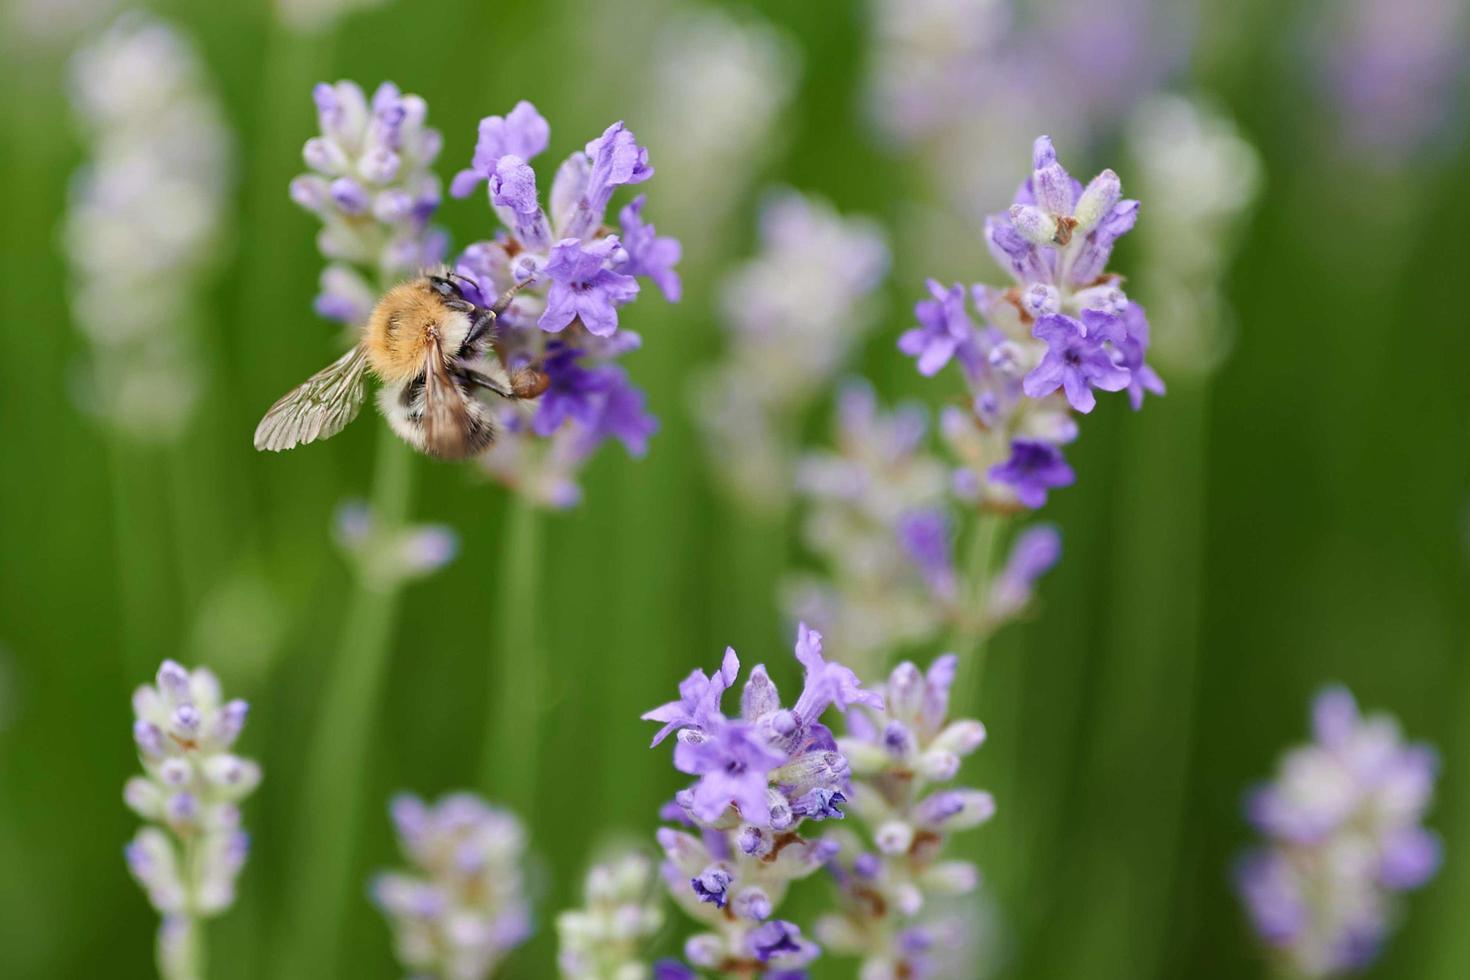 abeille sur une fleur violette photo